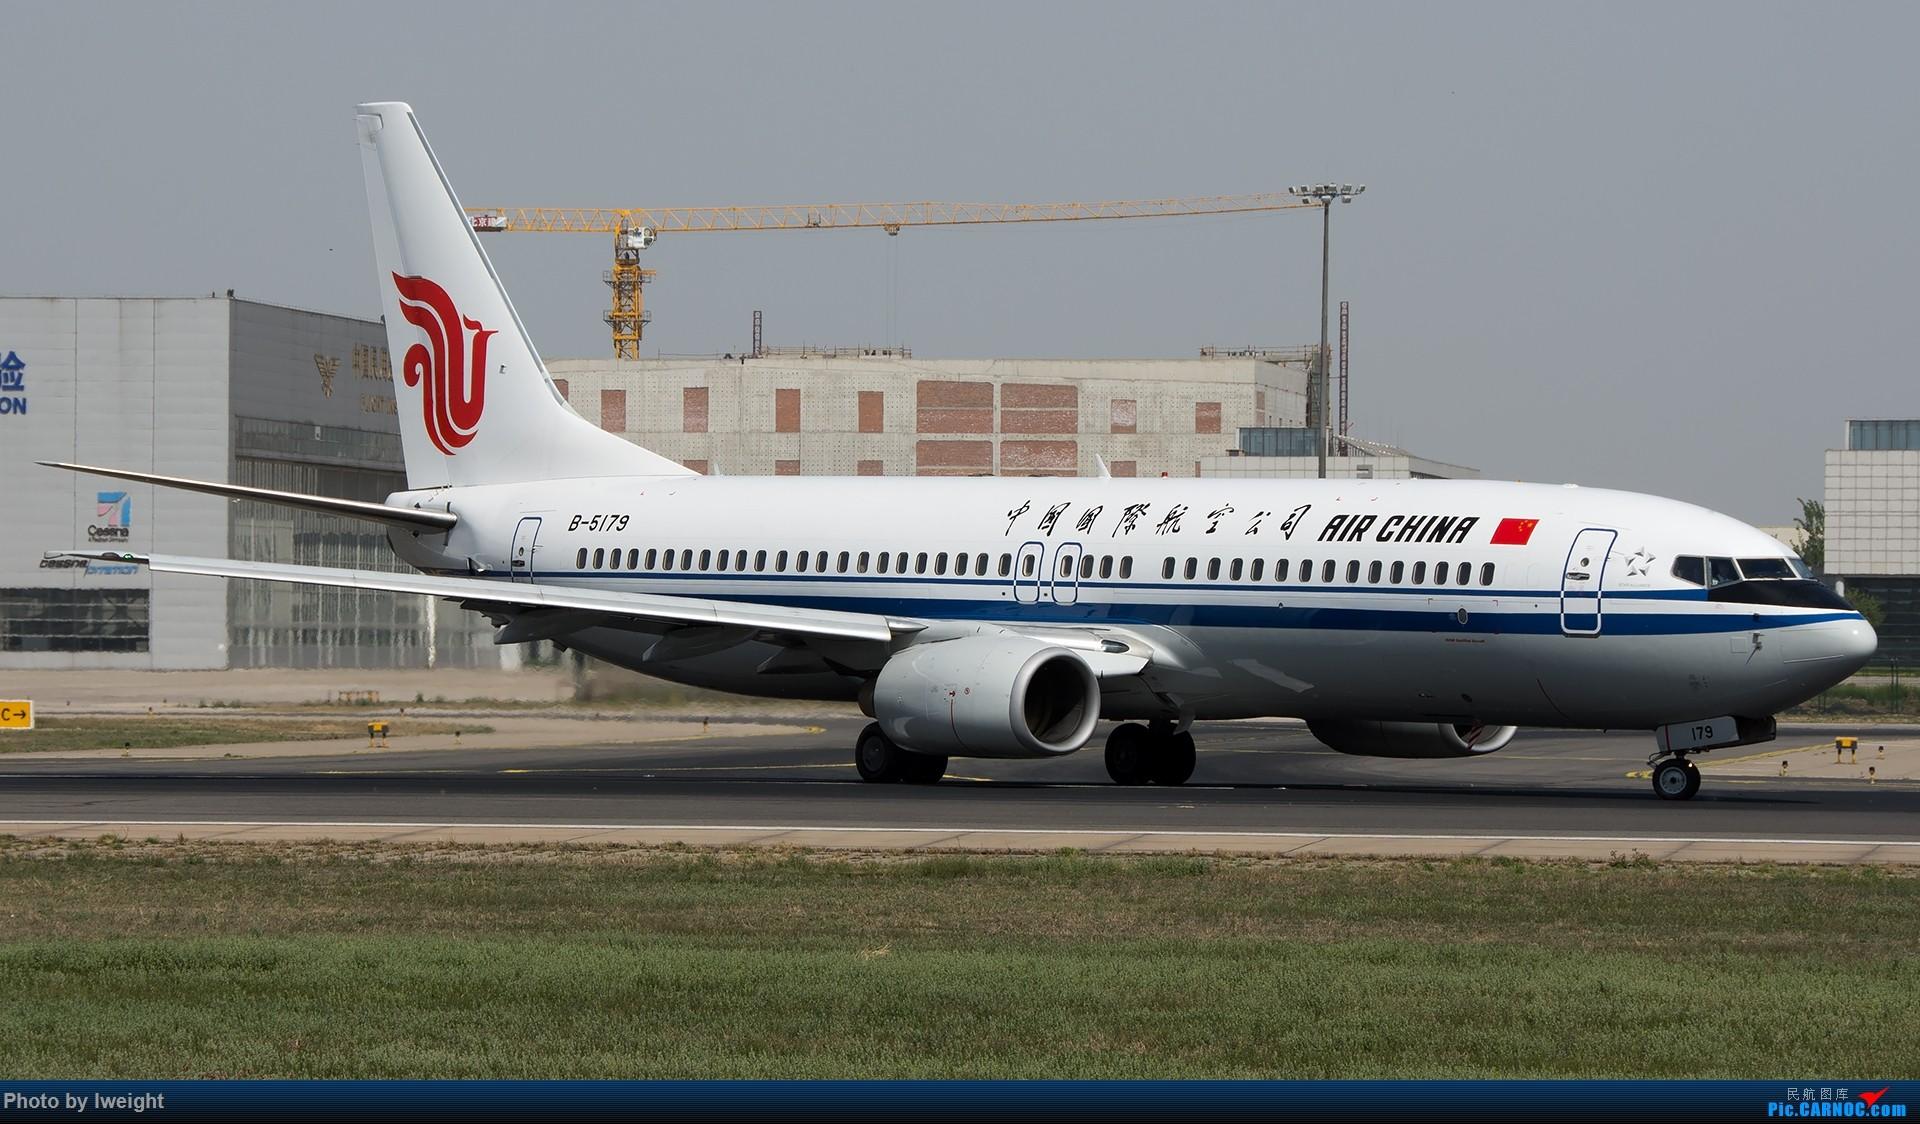 Re:[原创]天气晴朗,继续守候18R【多图】 BOEING 737-800 B-5179 中国北京首都国际机场